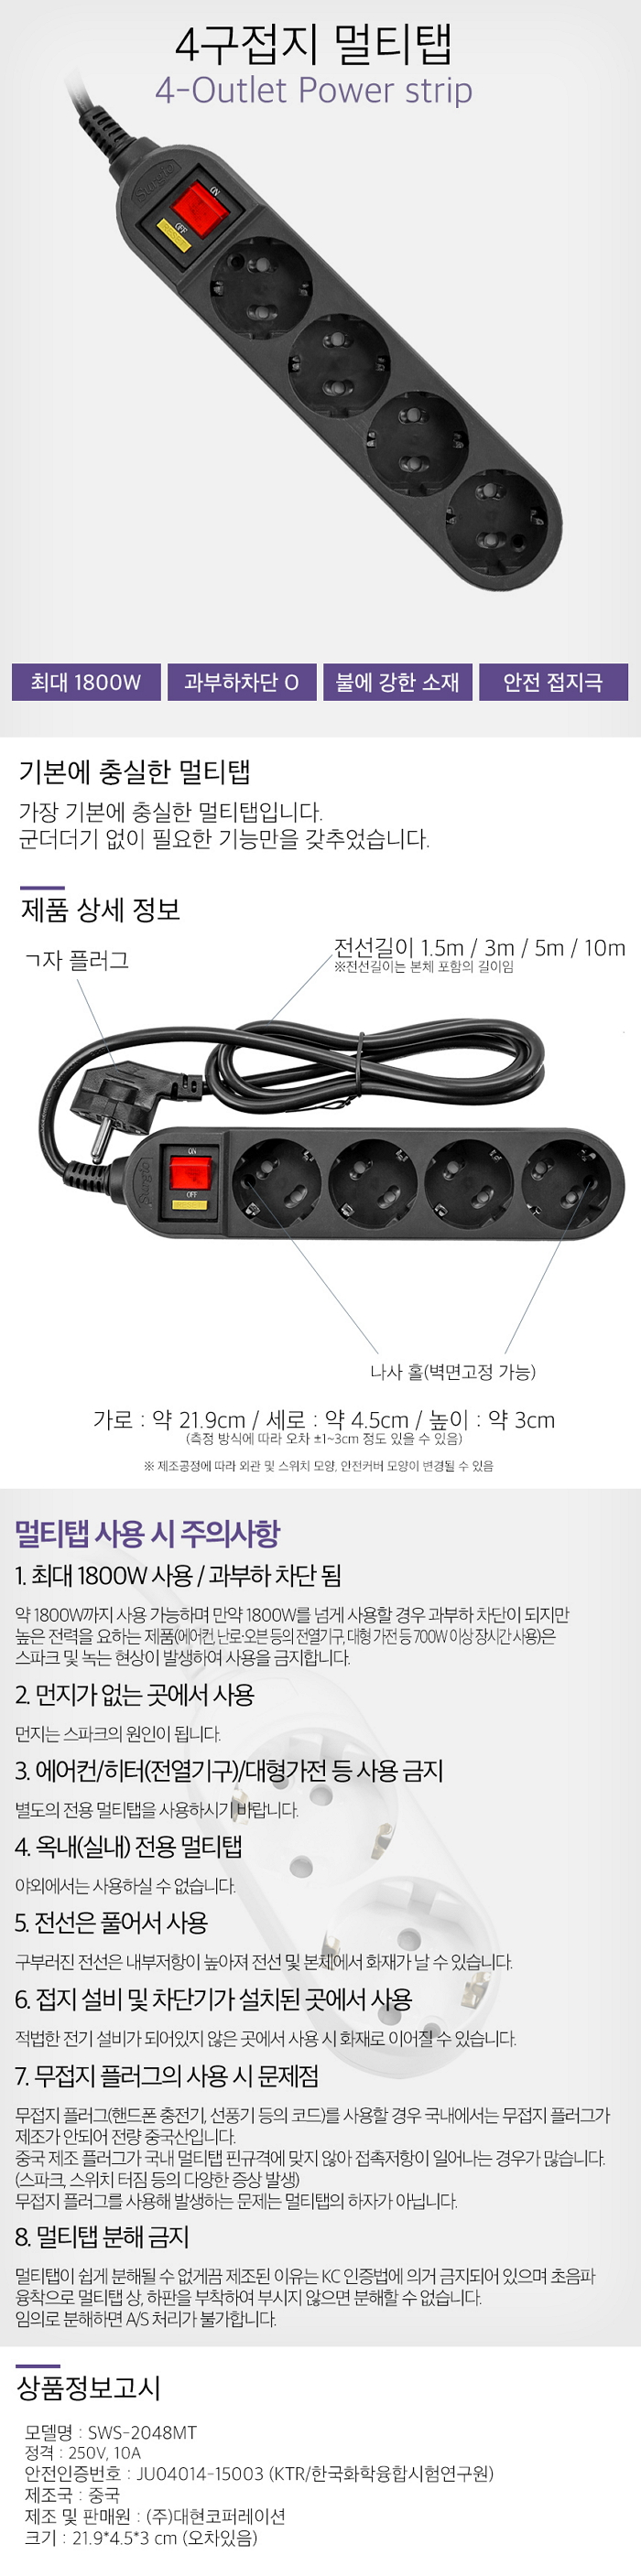 대현코퍼레이션 써지오 4구 10A 블랙 멀티탭(5m)